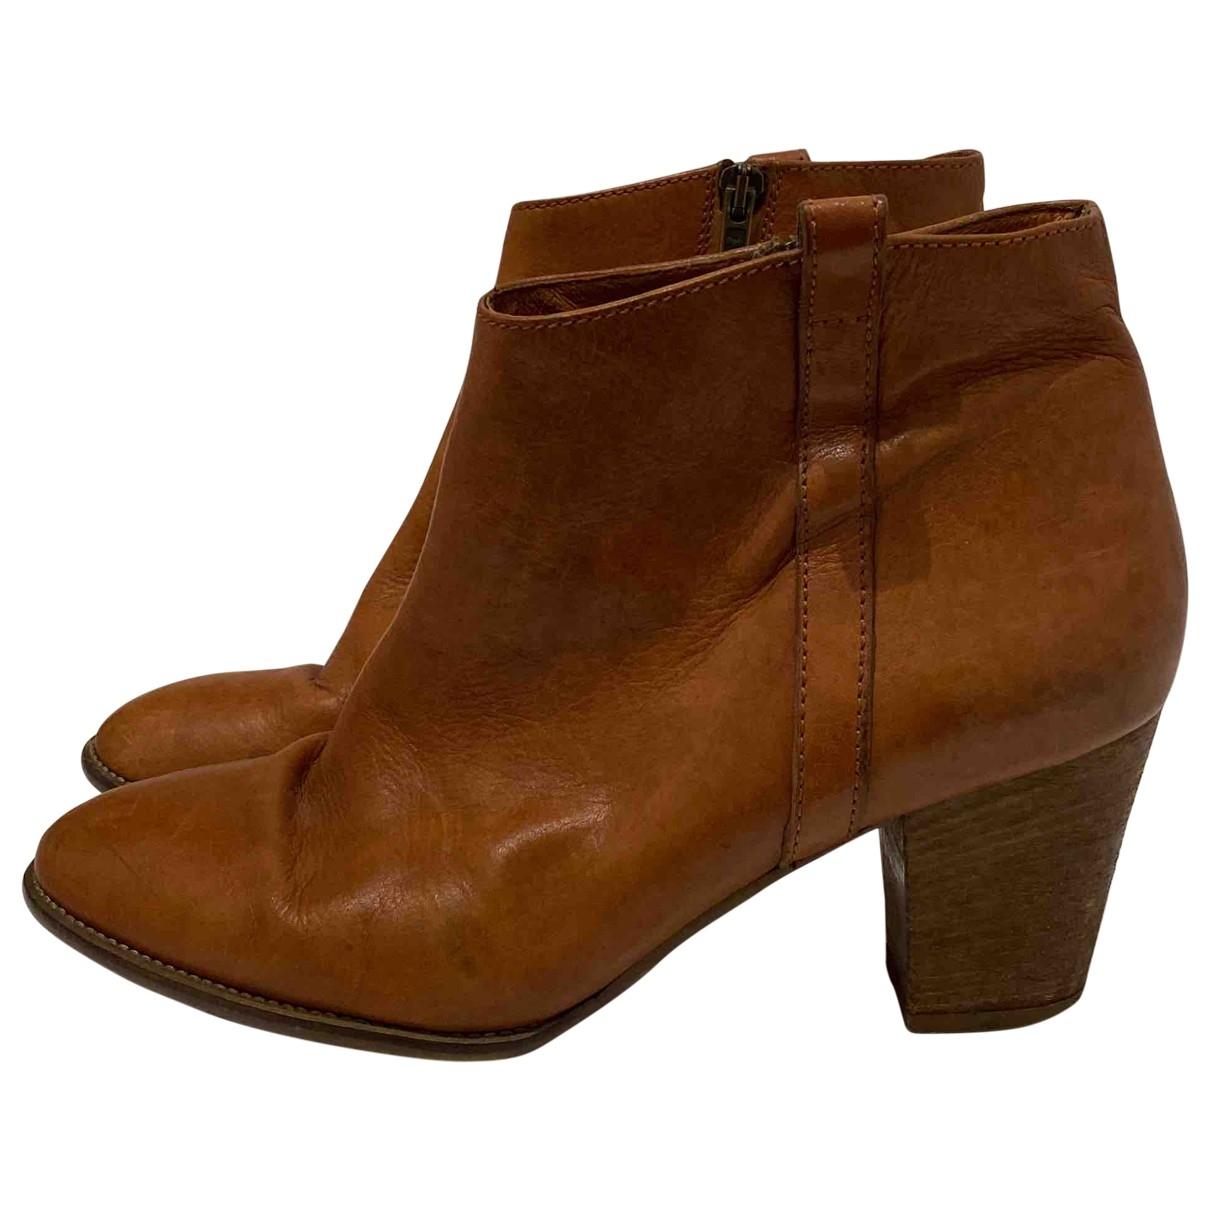 Madewell - Bottes   pour femme en cuir - marron